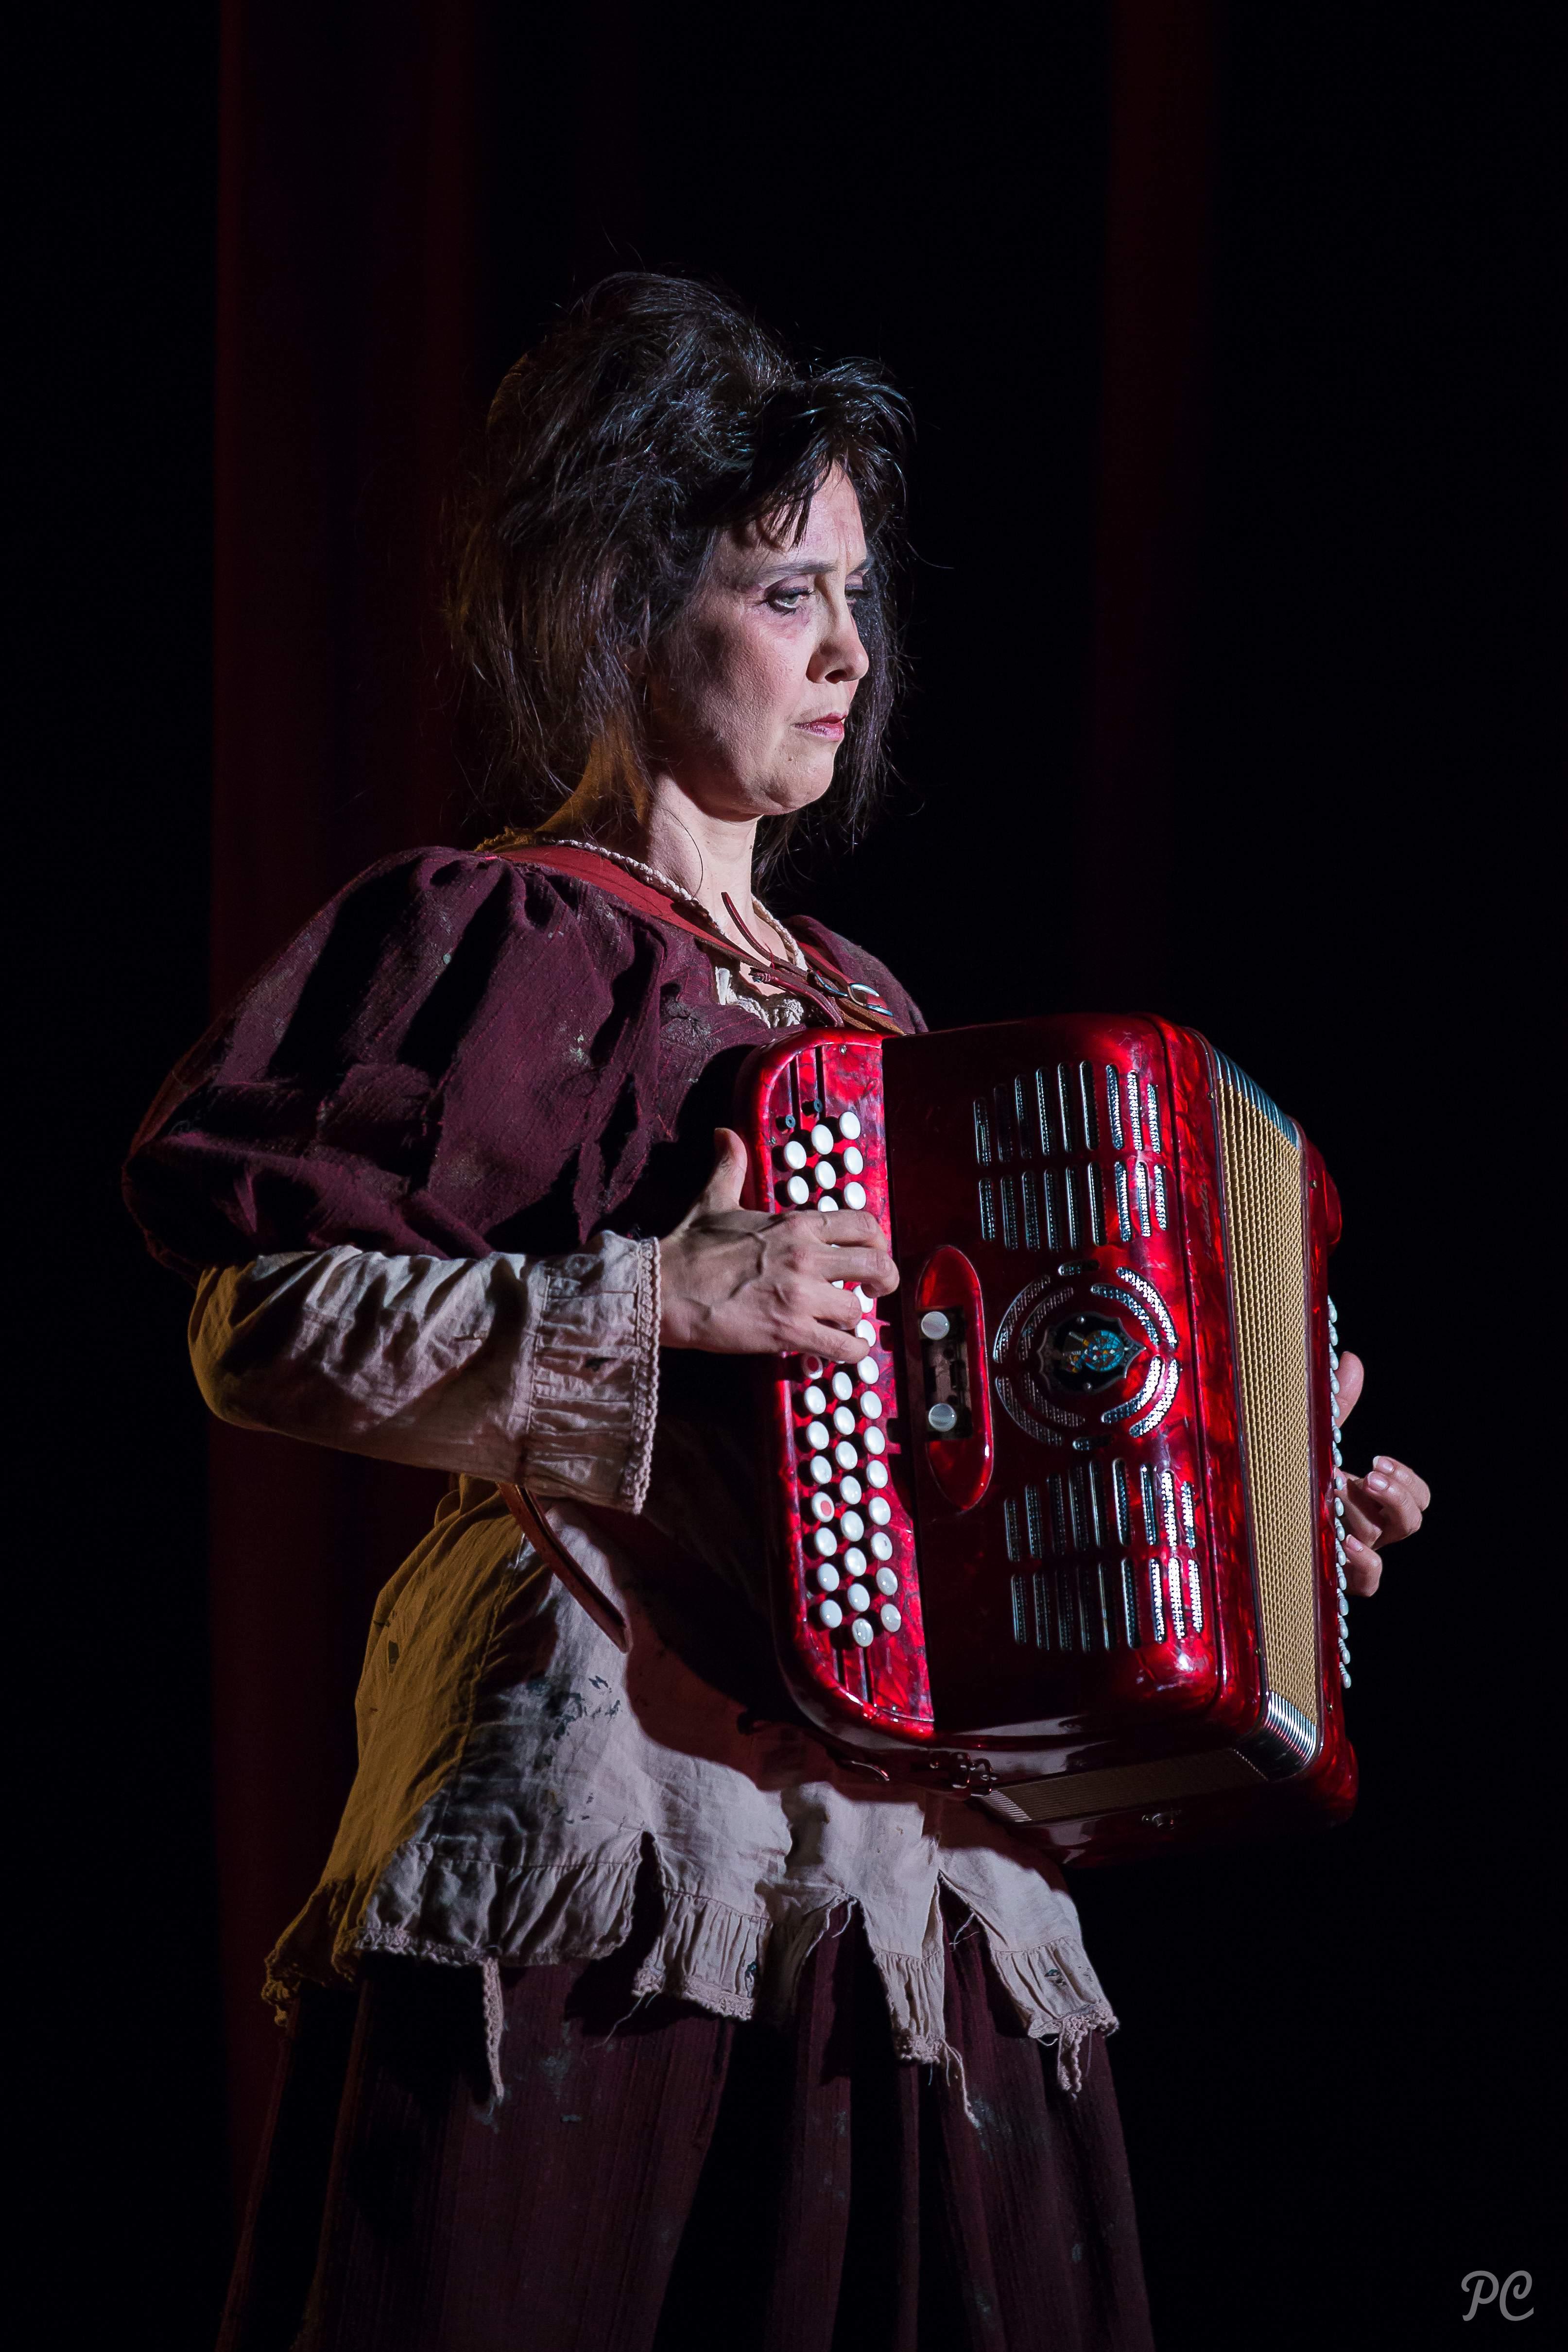 les misérables de victor Hugo, un pièce jouait par la compagnie Chouchenko au Vingtième Théâtre